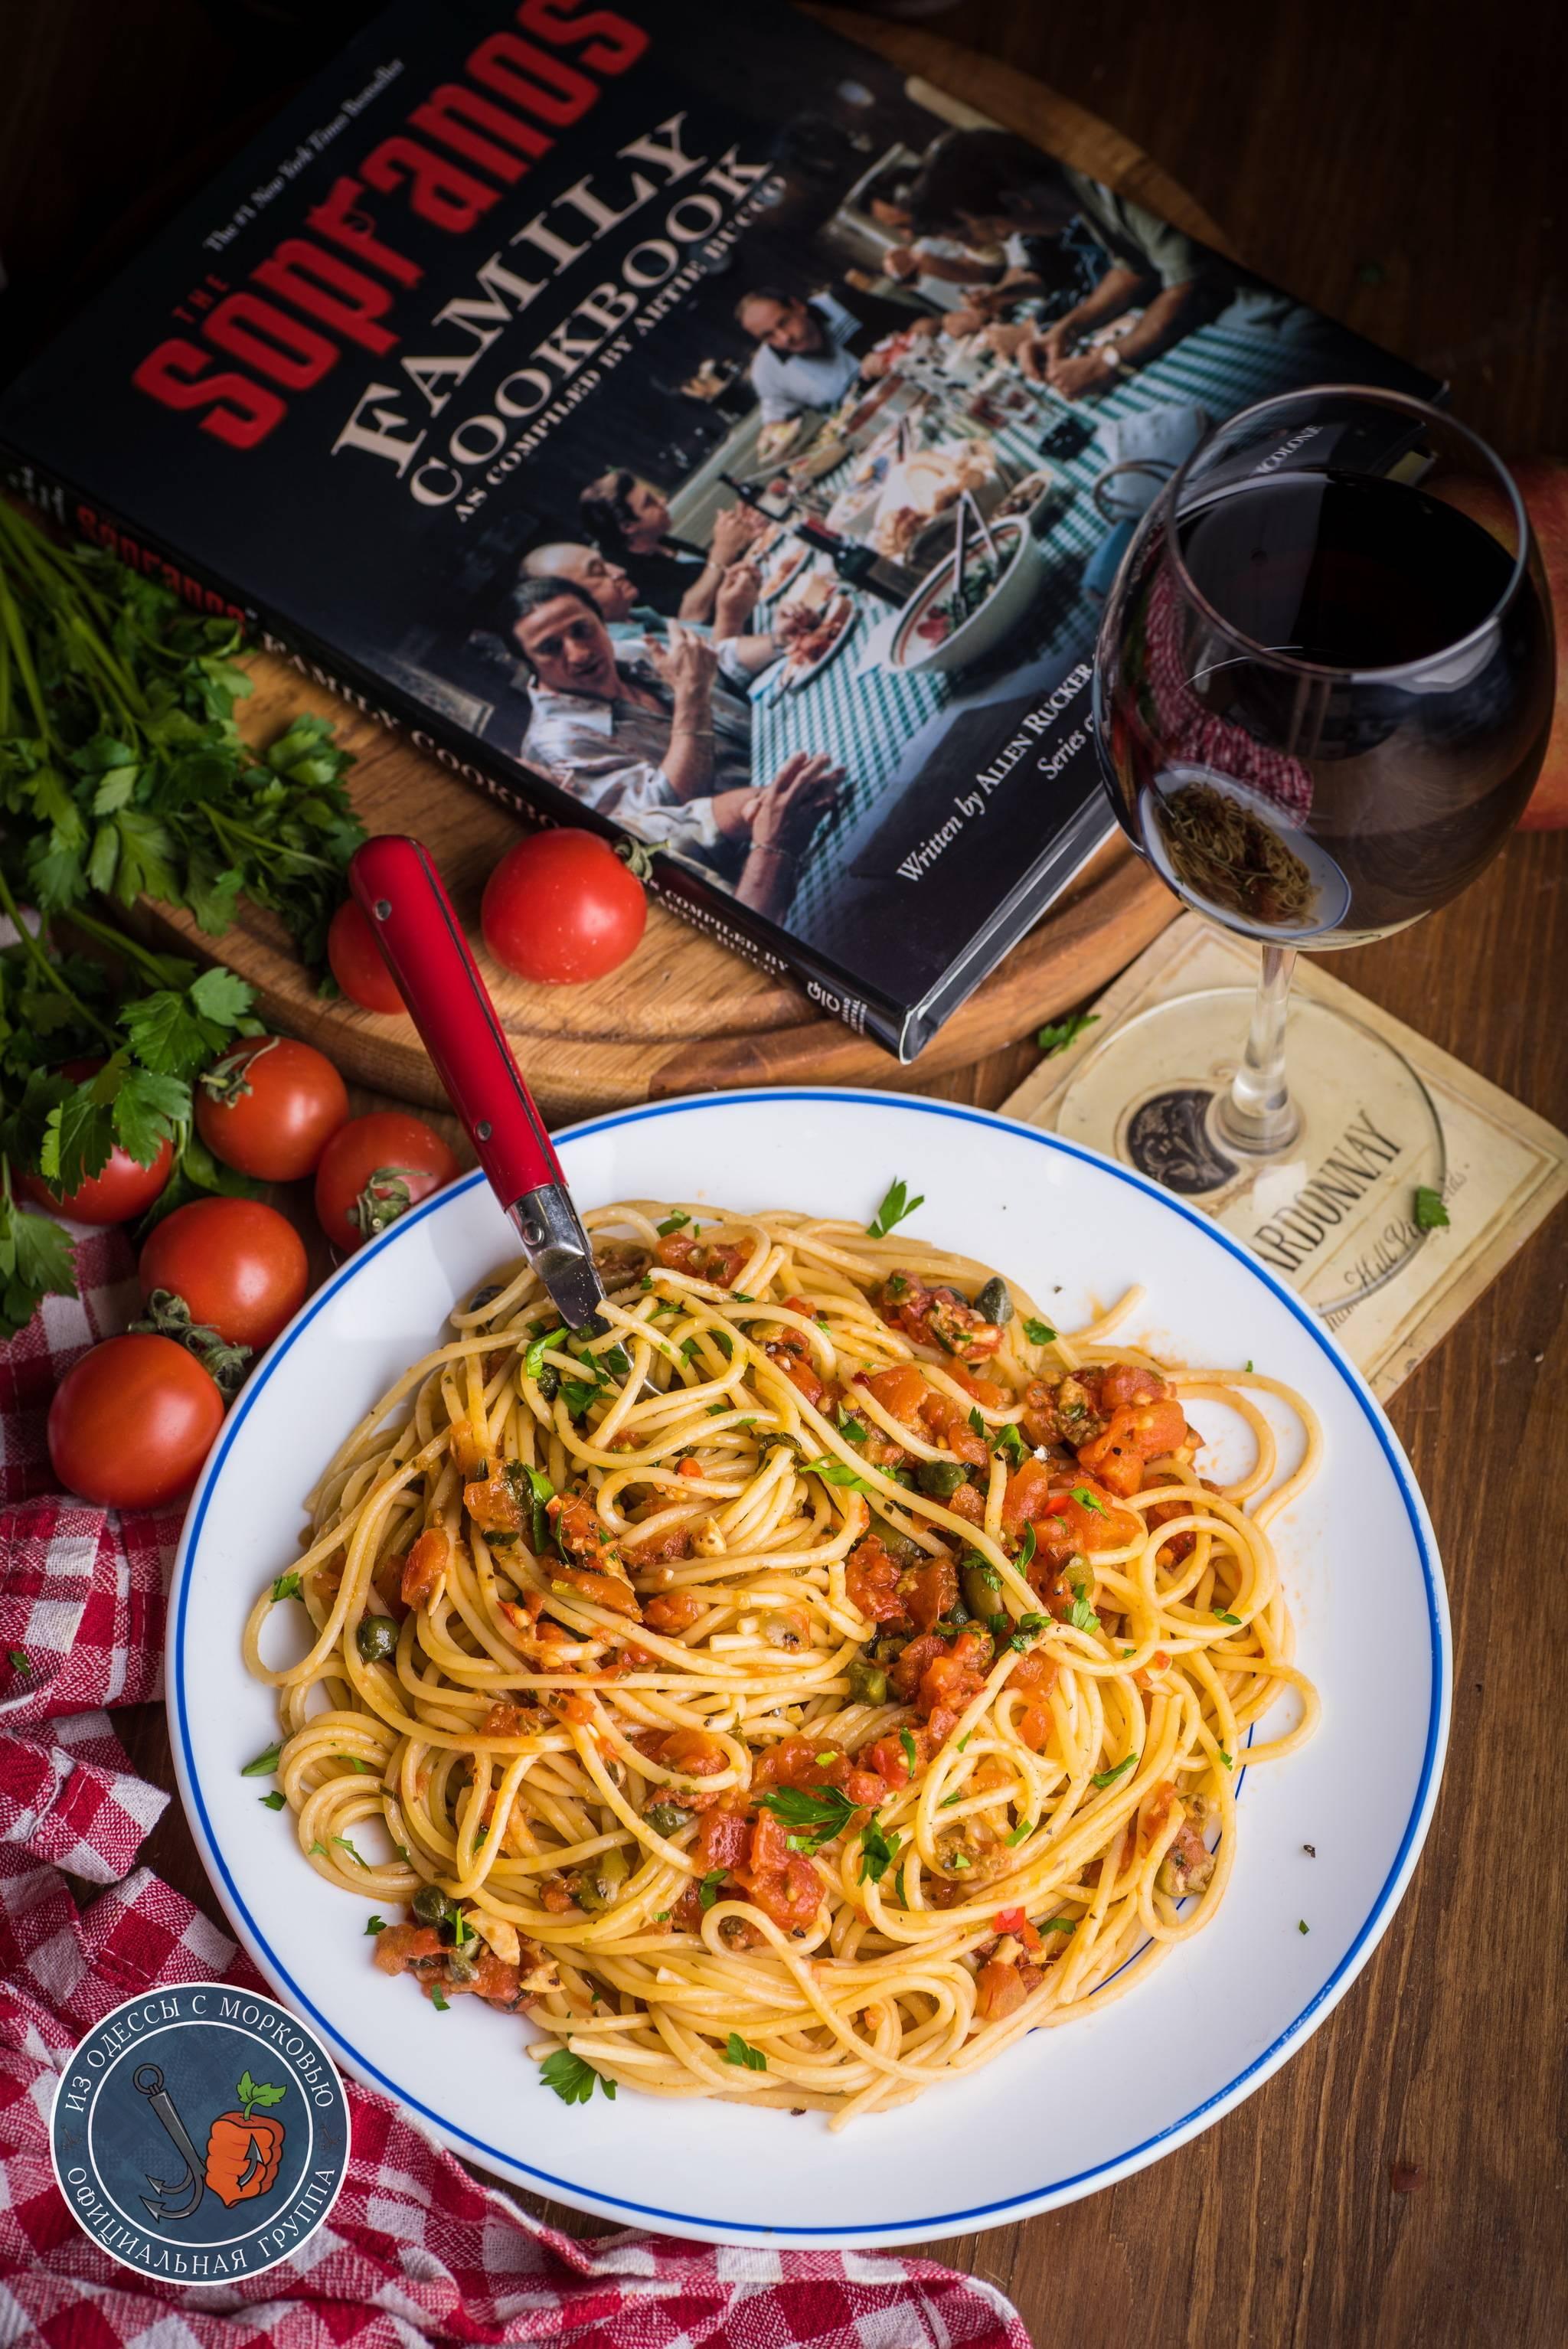 Как сделать правильную итальянскую пасту — фото, пошаговый рецепт и правила подачи на стол